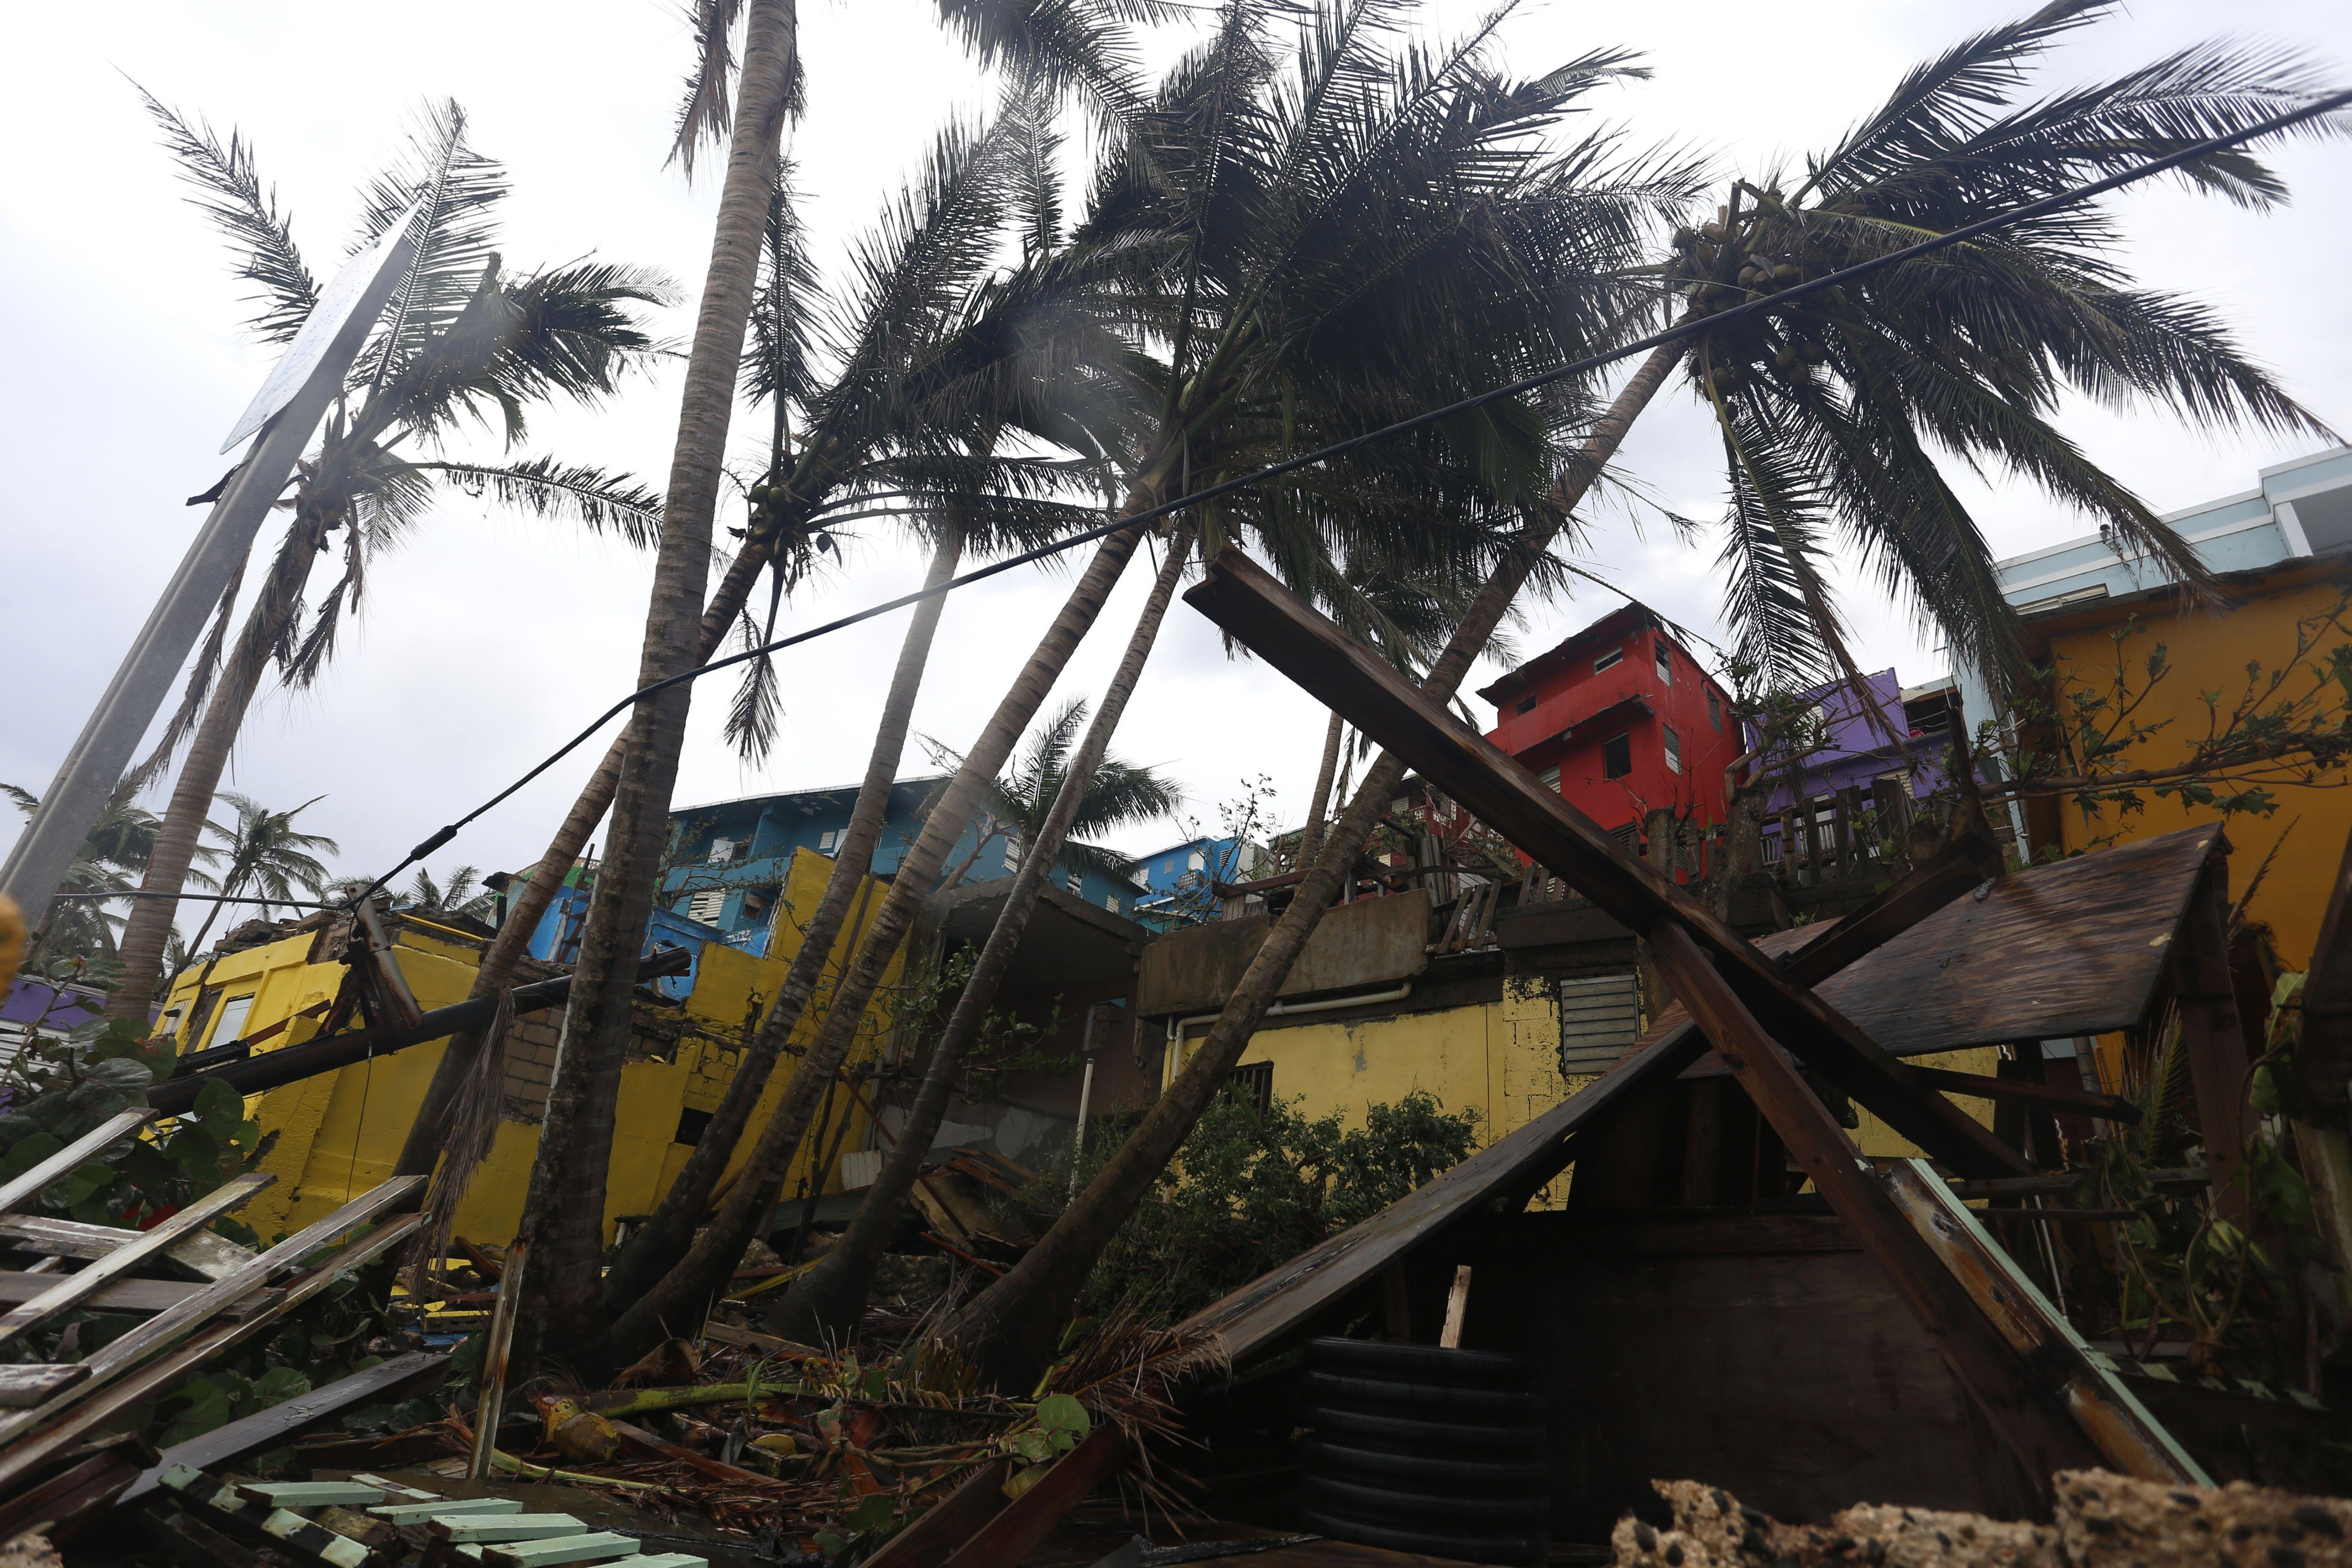 Vista de los destrozos causados por el huracán María, el 22 de septiembre de 2017, en La Perla (Puerto Rico). Fotografía de archivo. EFE/Thais Llorca